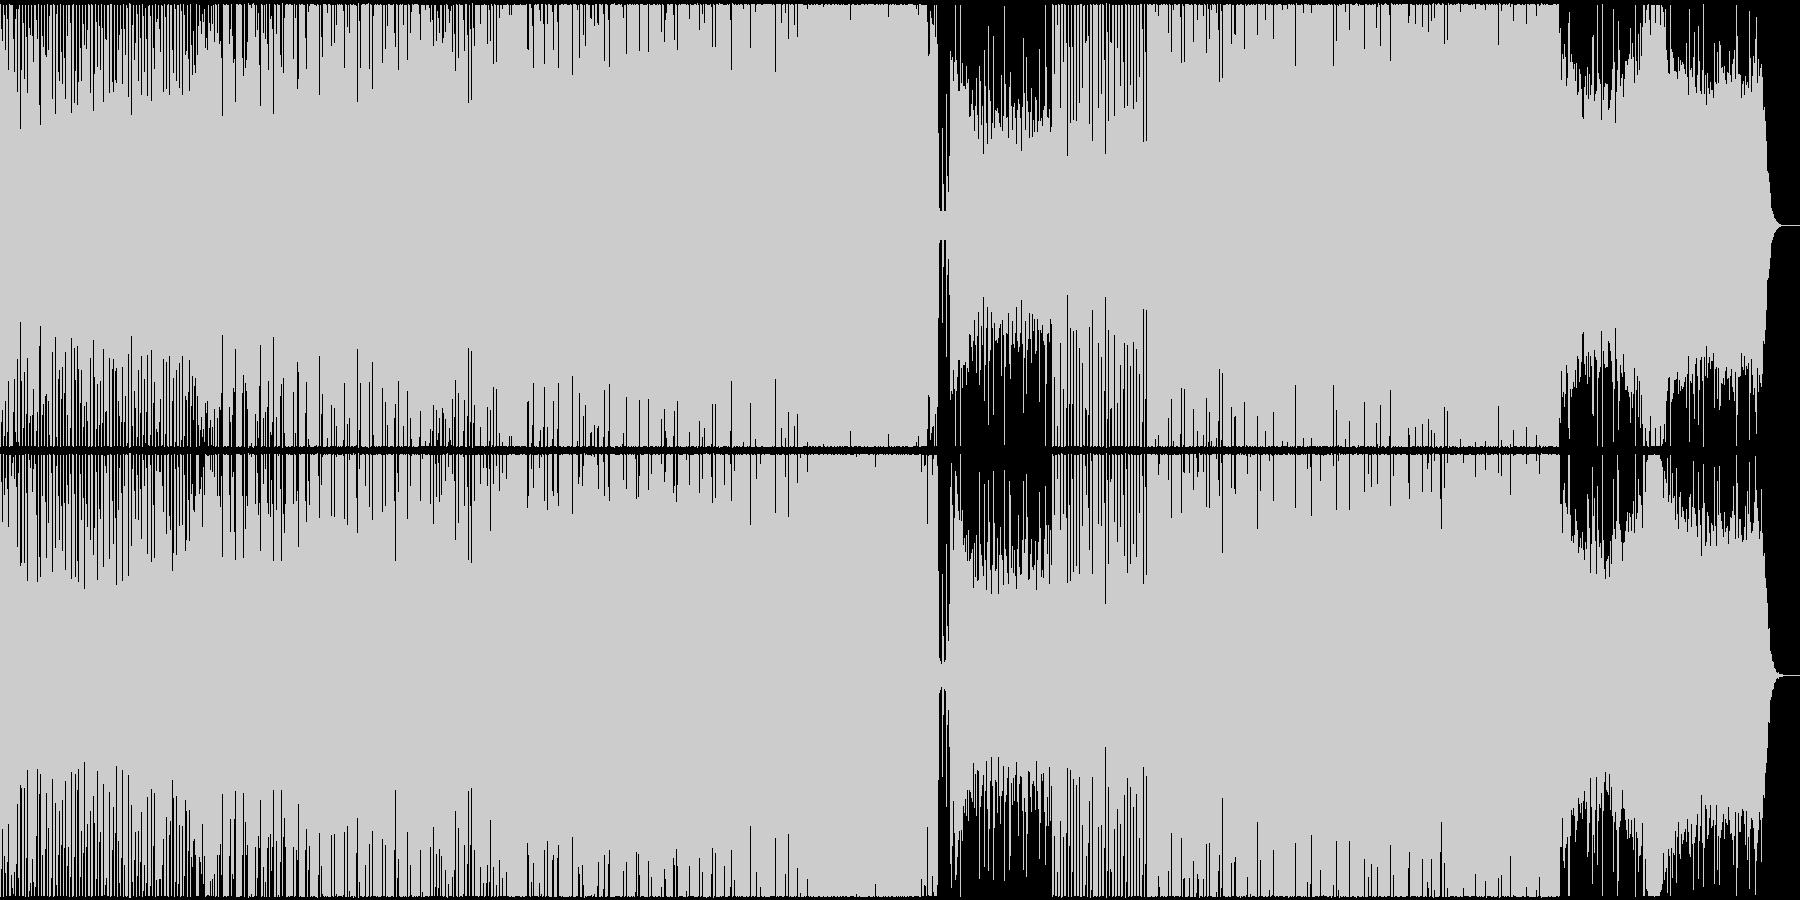 軽快でハイテンポなポップインストの未再生の波形